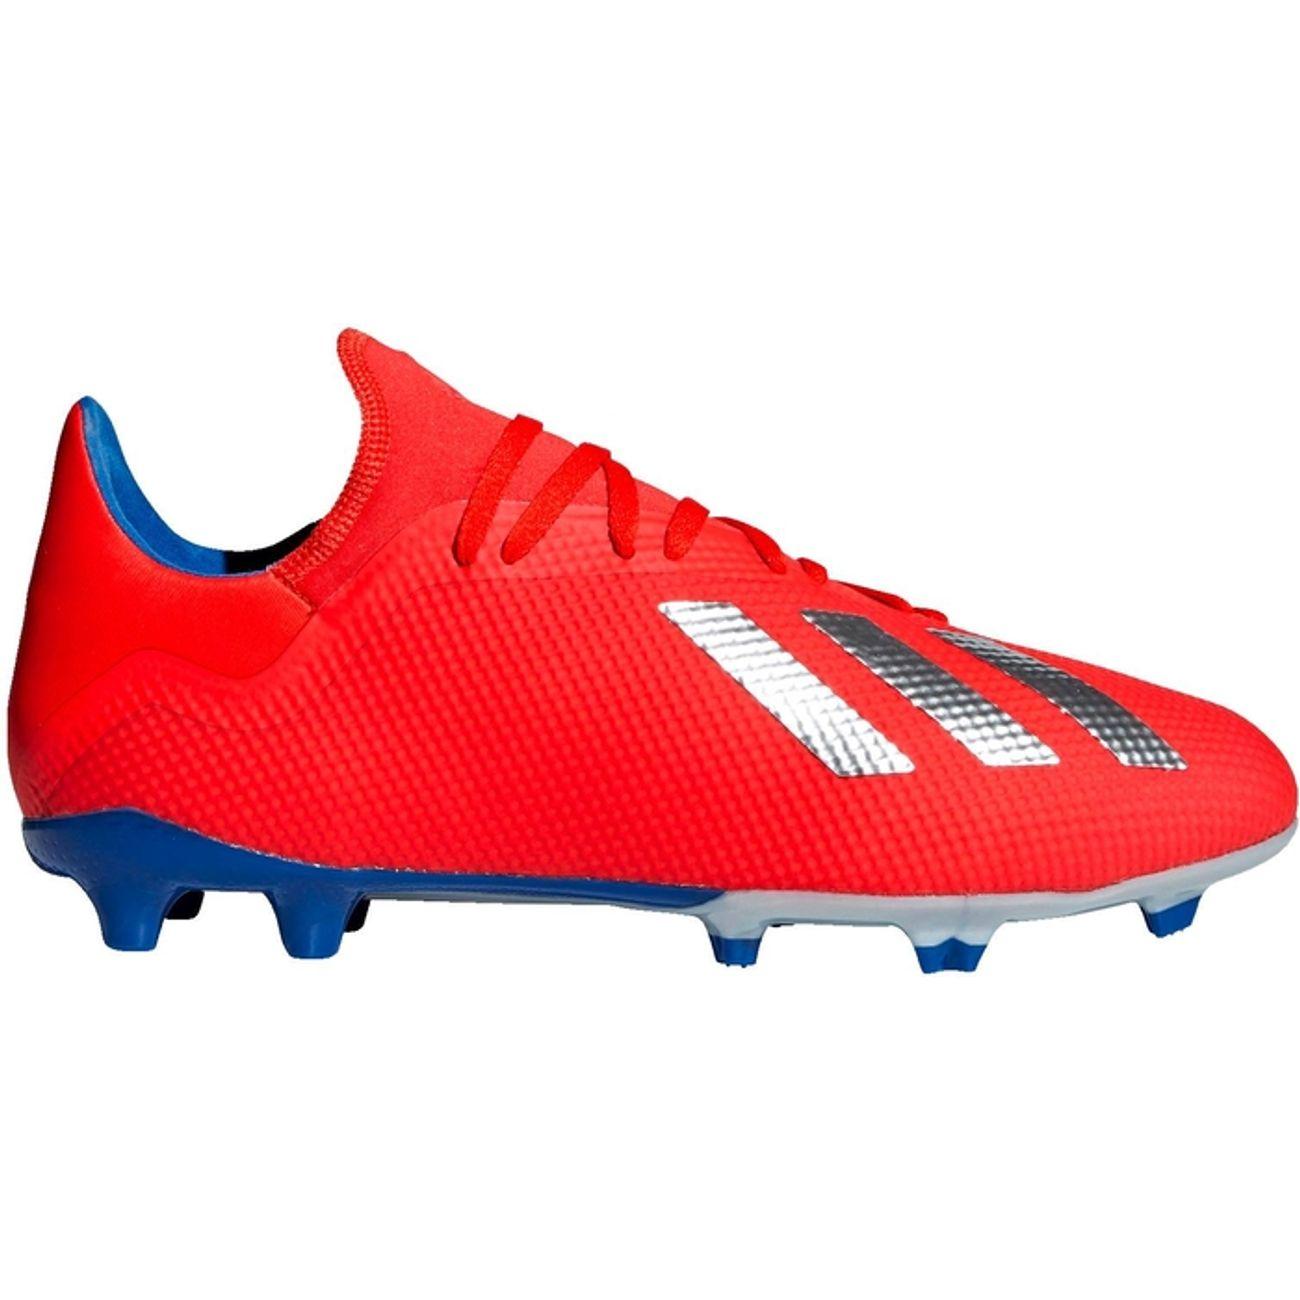 Adidas Chaussures 7bfgyv6y Basses Football 18 Homme Fg X 3 q3Rj5Lc4A